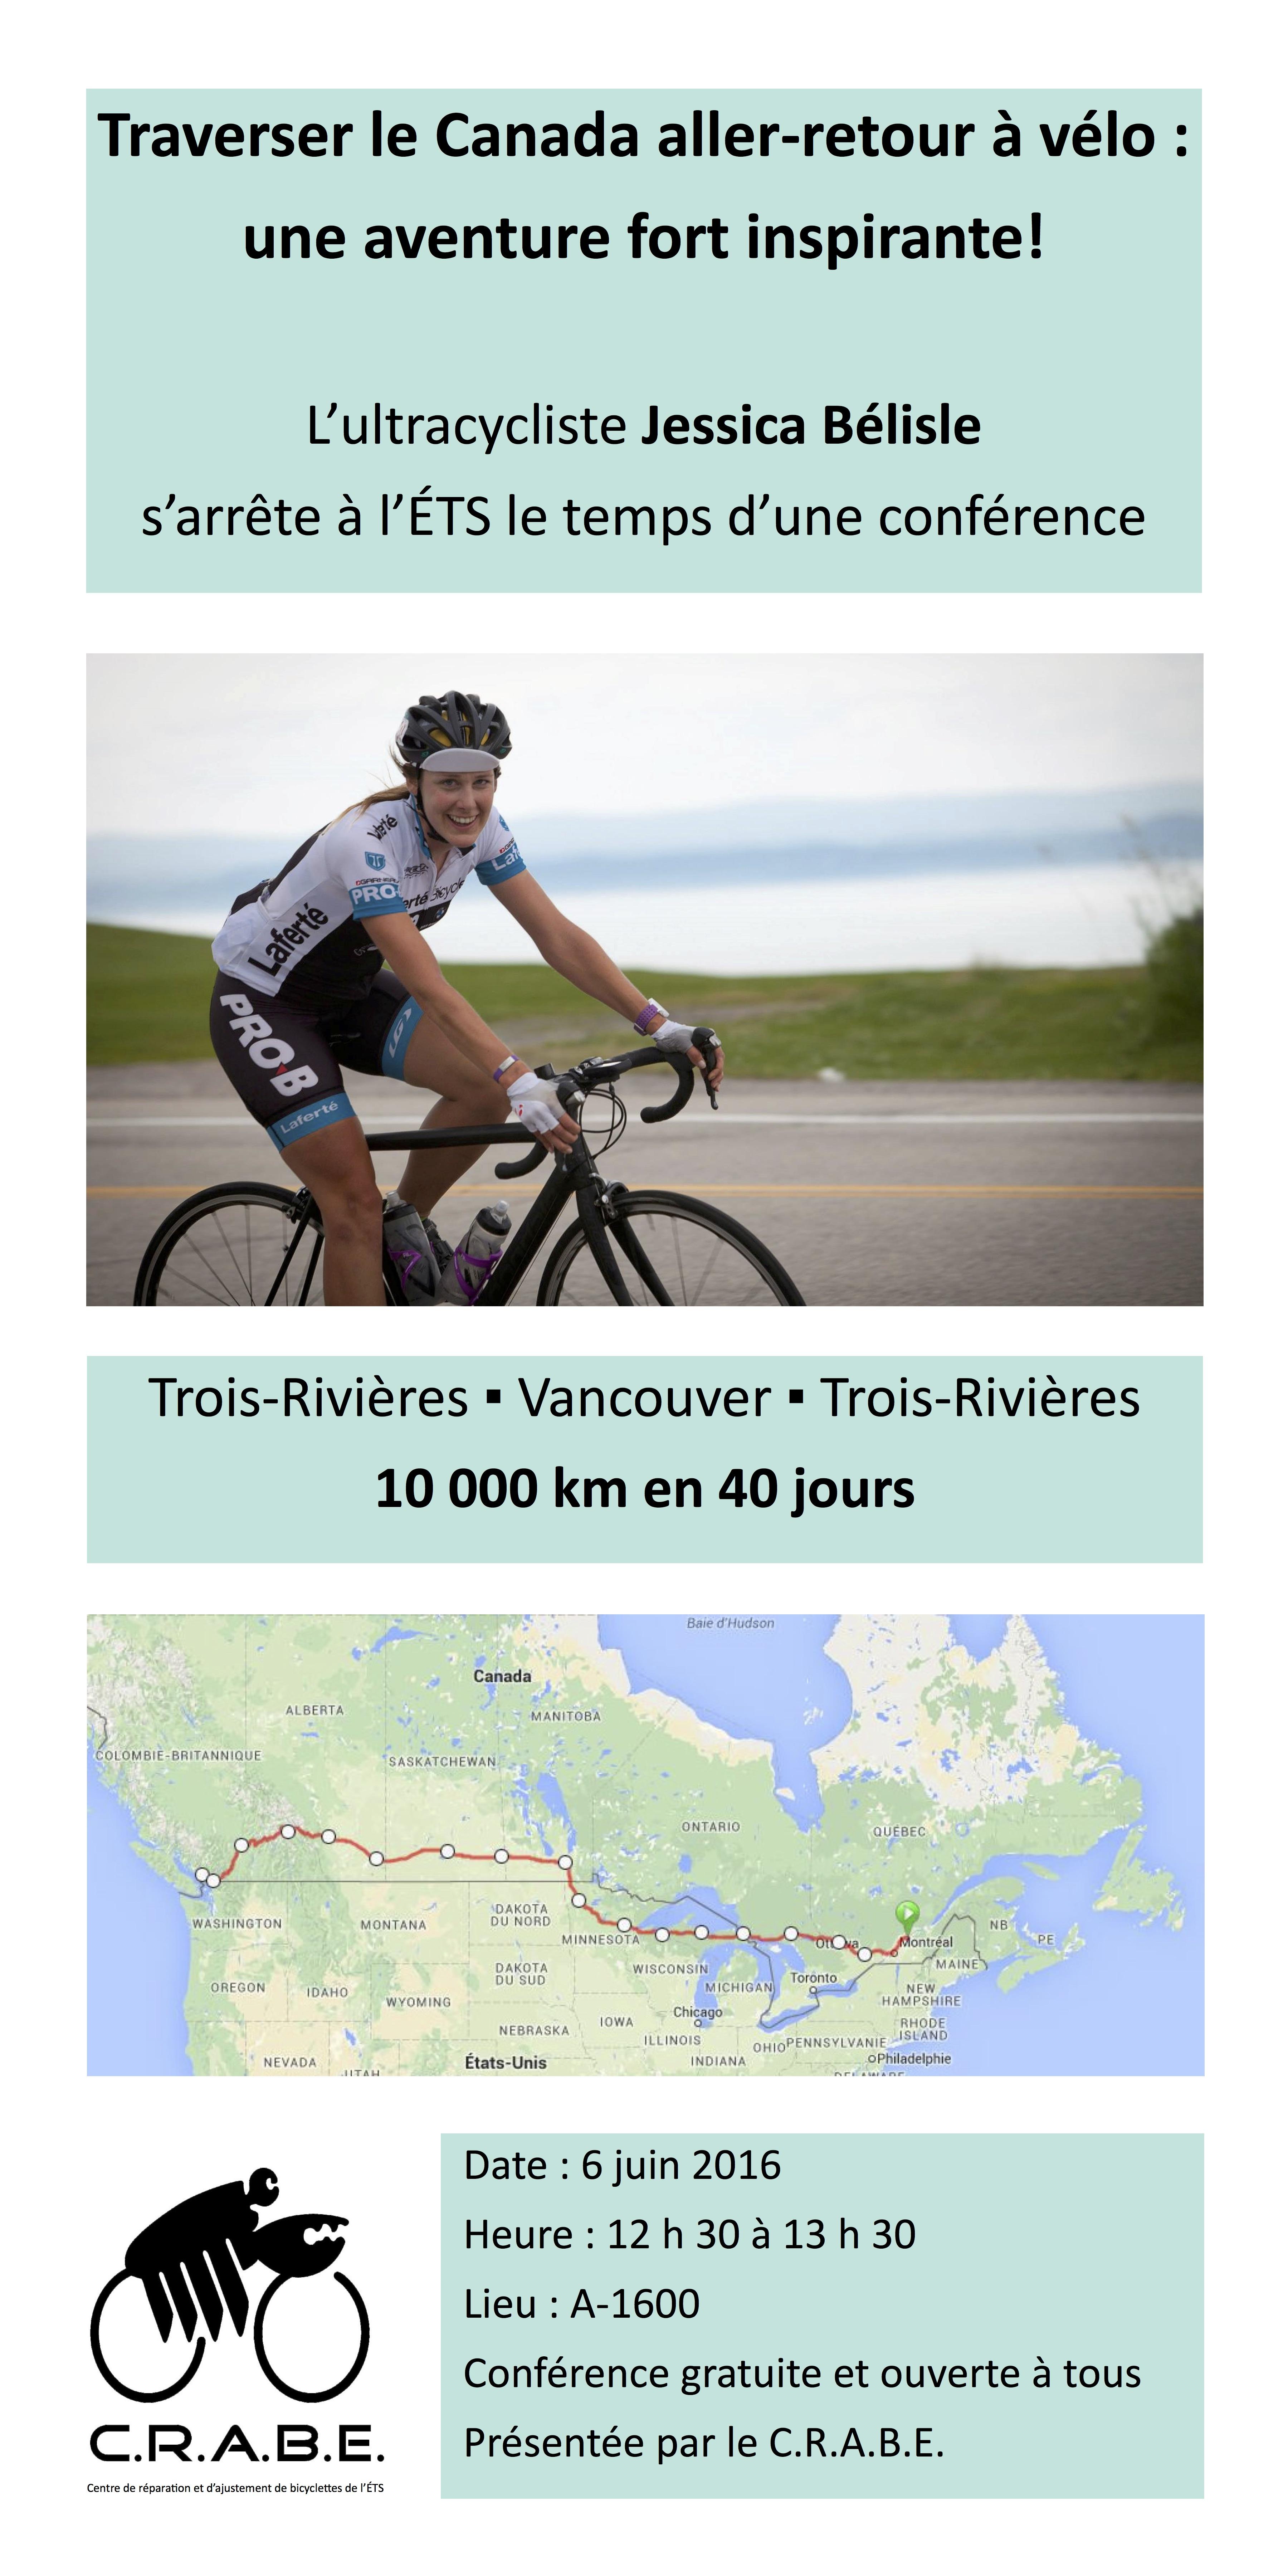 Le CRABe vous propose une conférence (gratuite et ouverte à tous) non seulement sur le cyclisme mais sur le dépassement de soi et l'atteinte de nos défis.